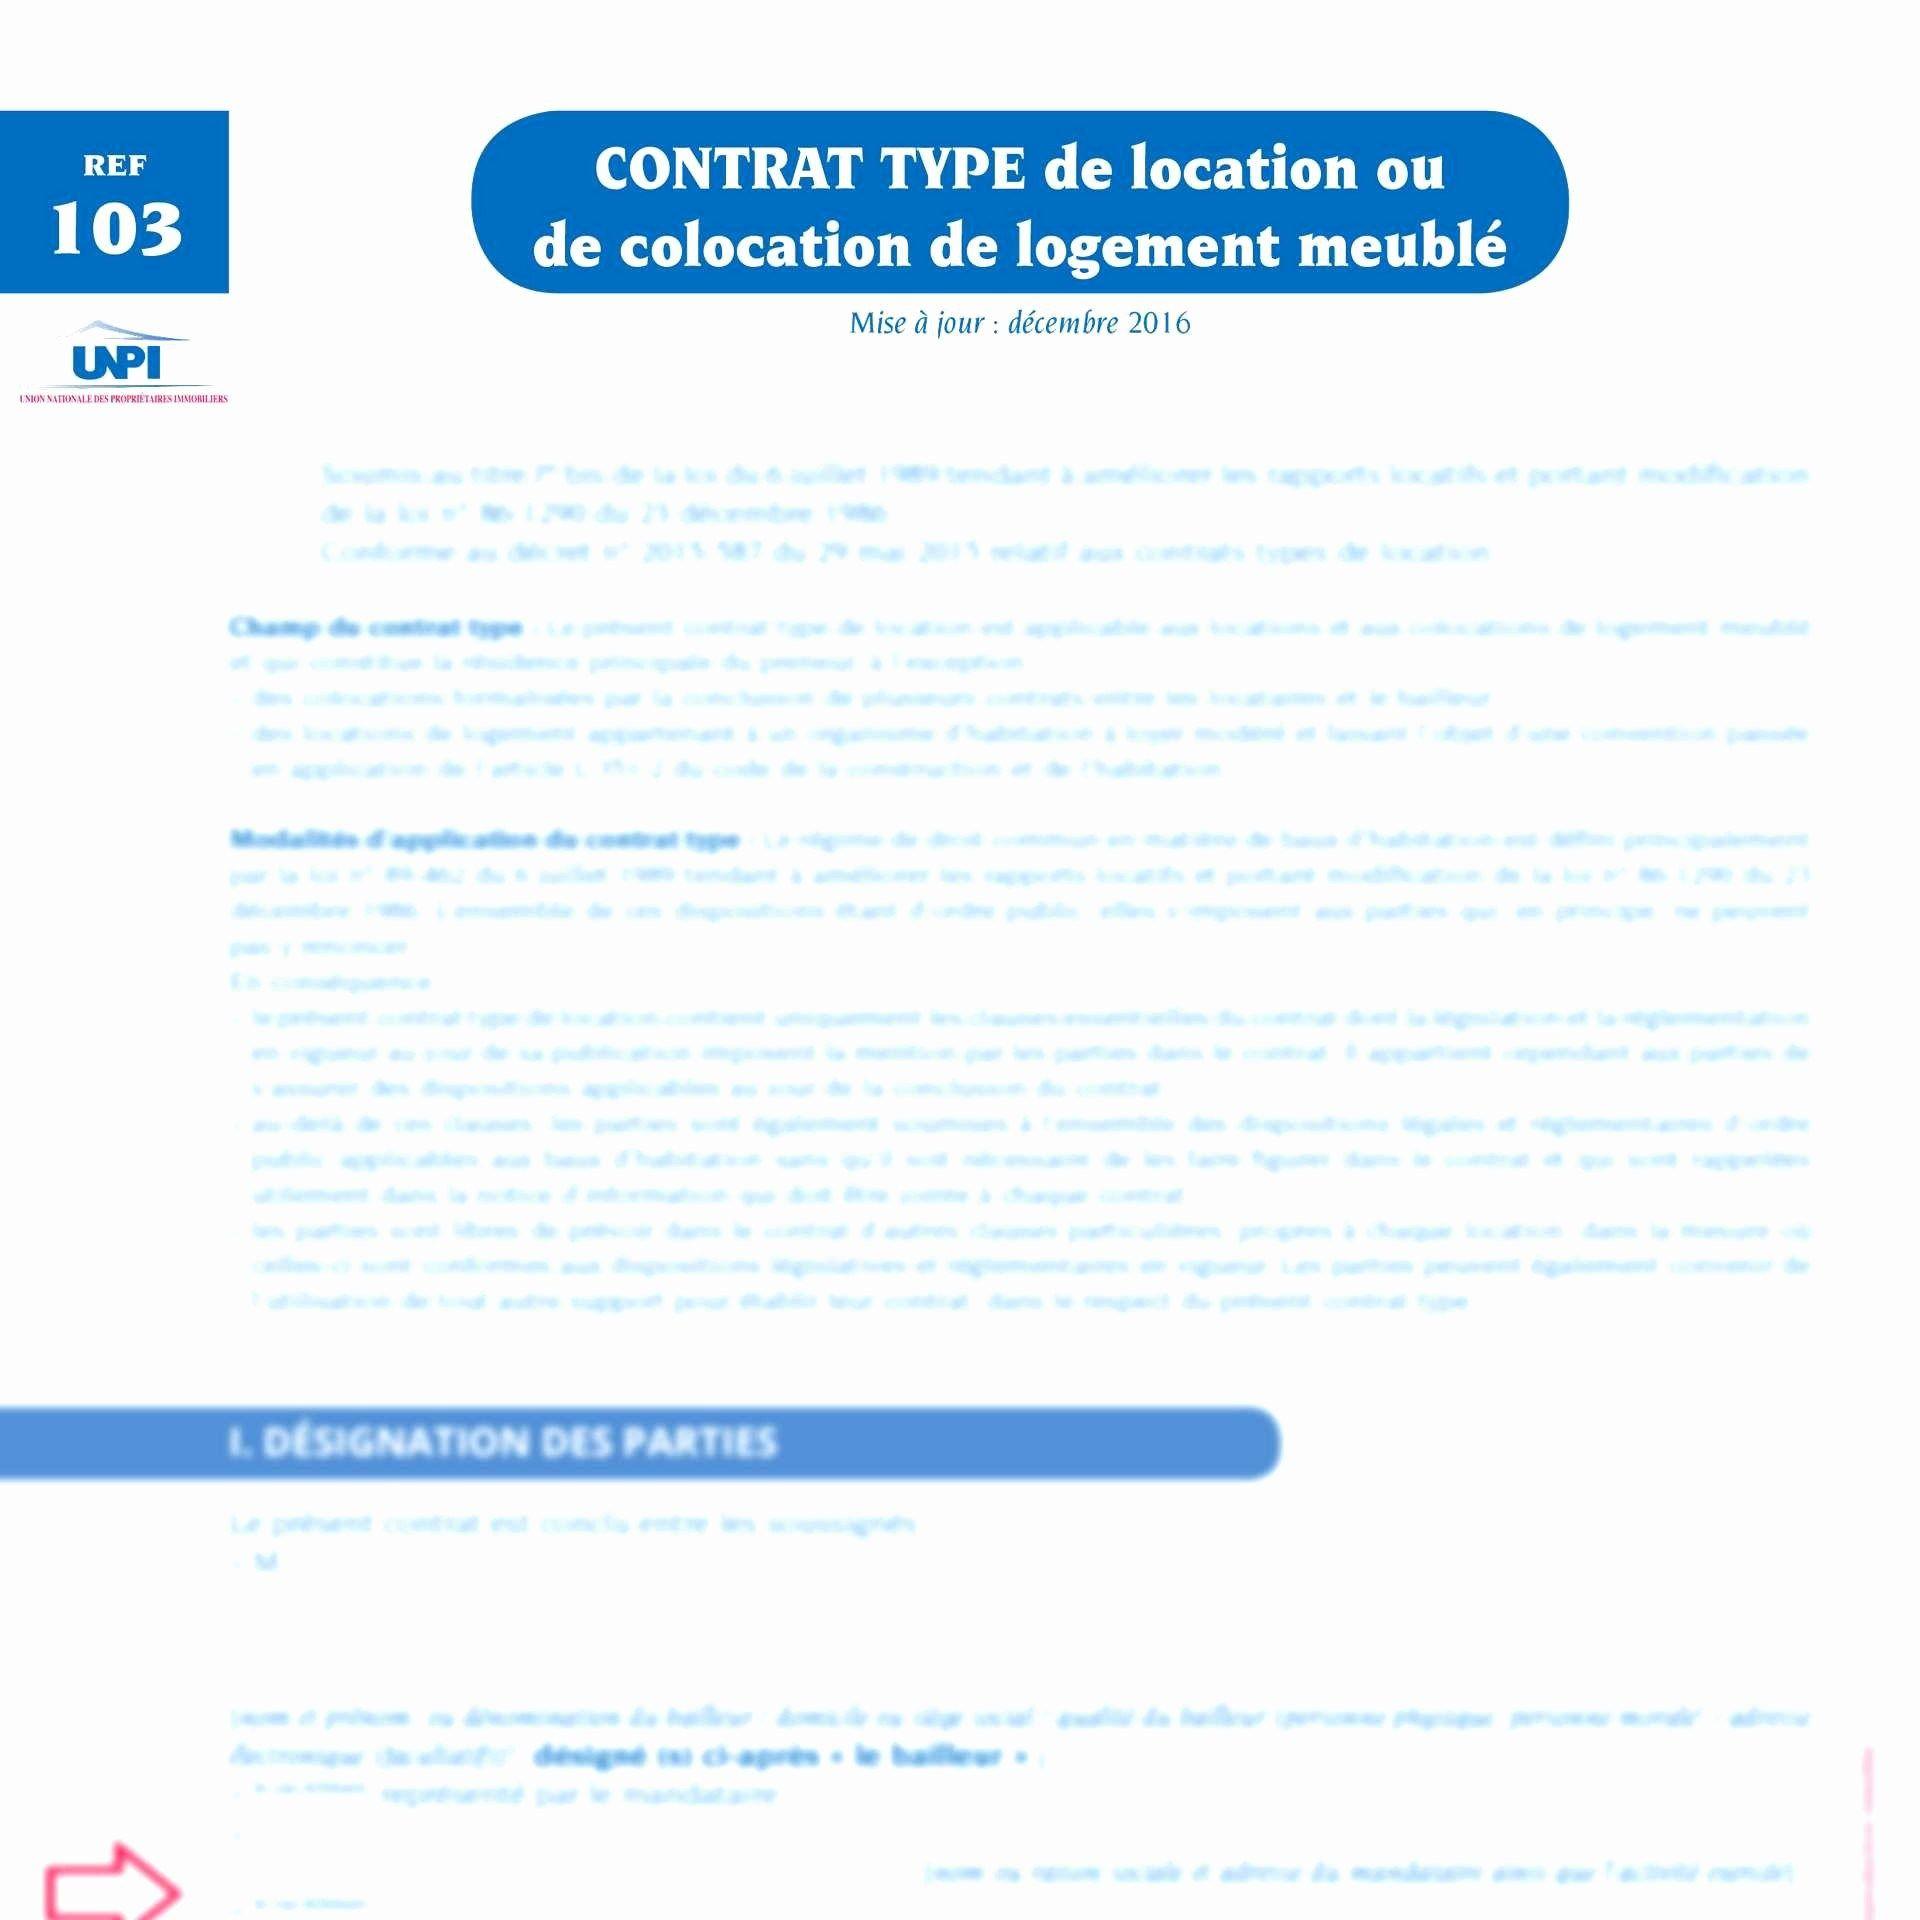 Luxury Modele Inventaire Location Meublee Excel Location Meublee Location Inventaire